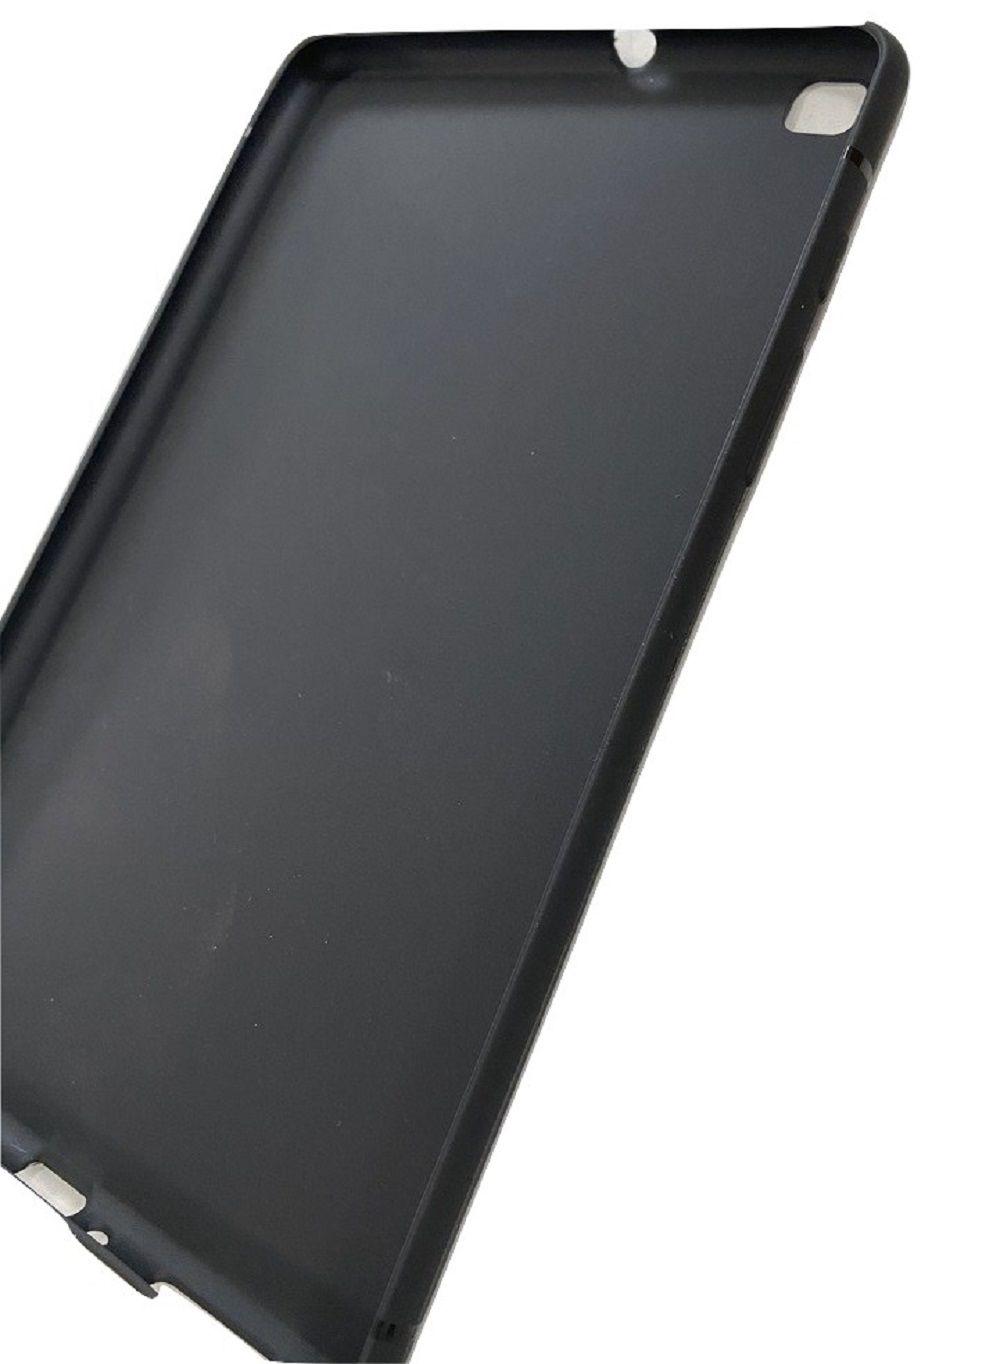 Kit Capa Tablet Samsung Galaxy Tab A 8 T290 T295 Silicone + Vidro